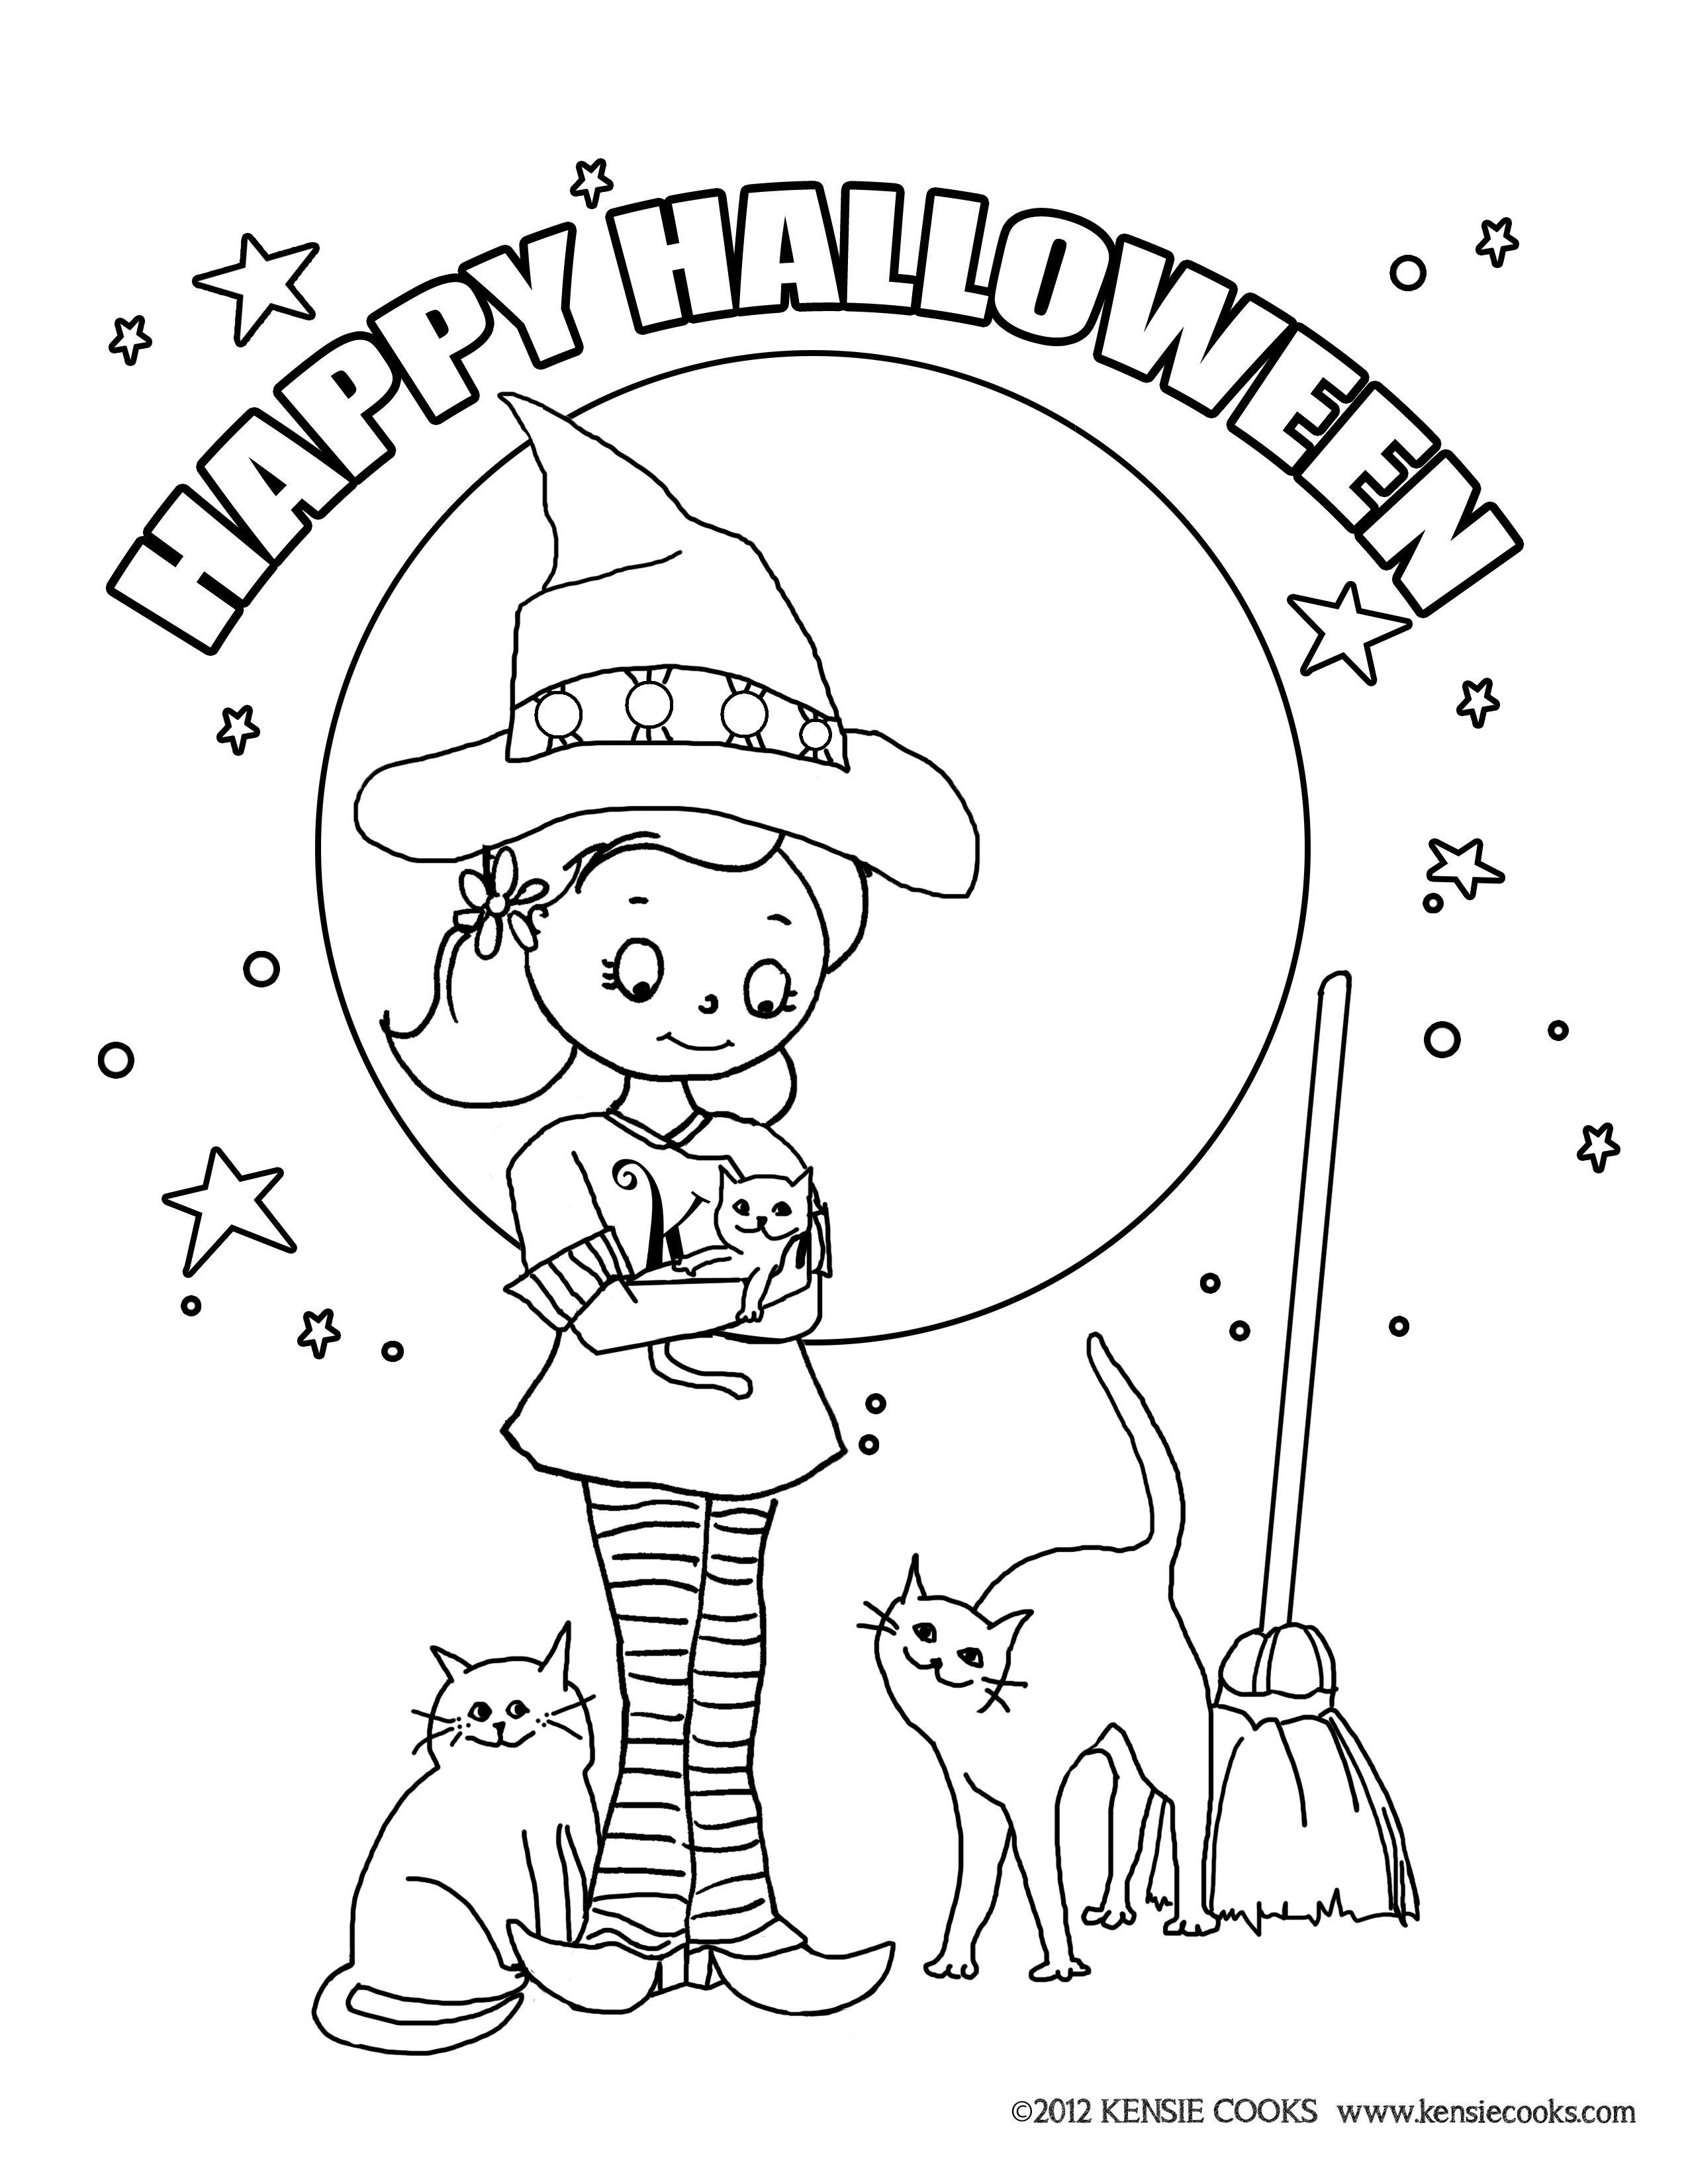 Kensie Cooks Halloween Coloring Page. Kensie dressed as a